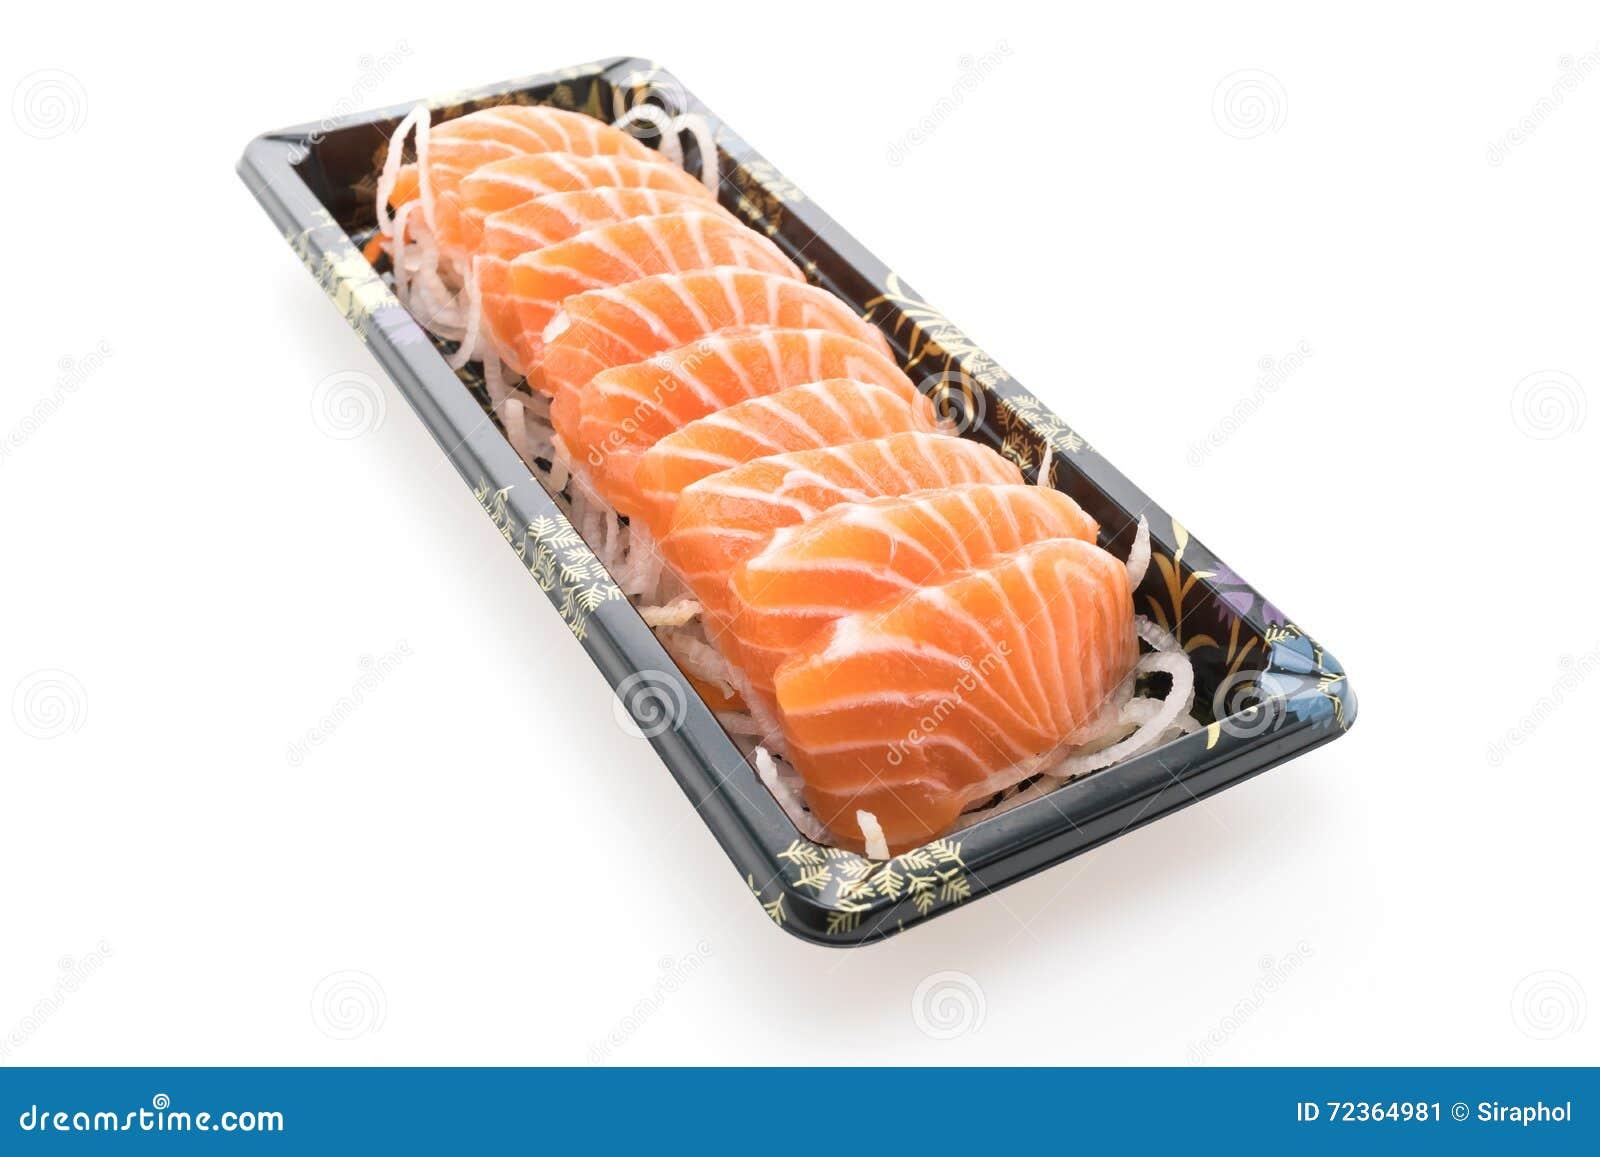 三文鱼生鱼片